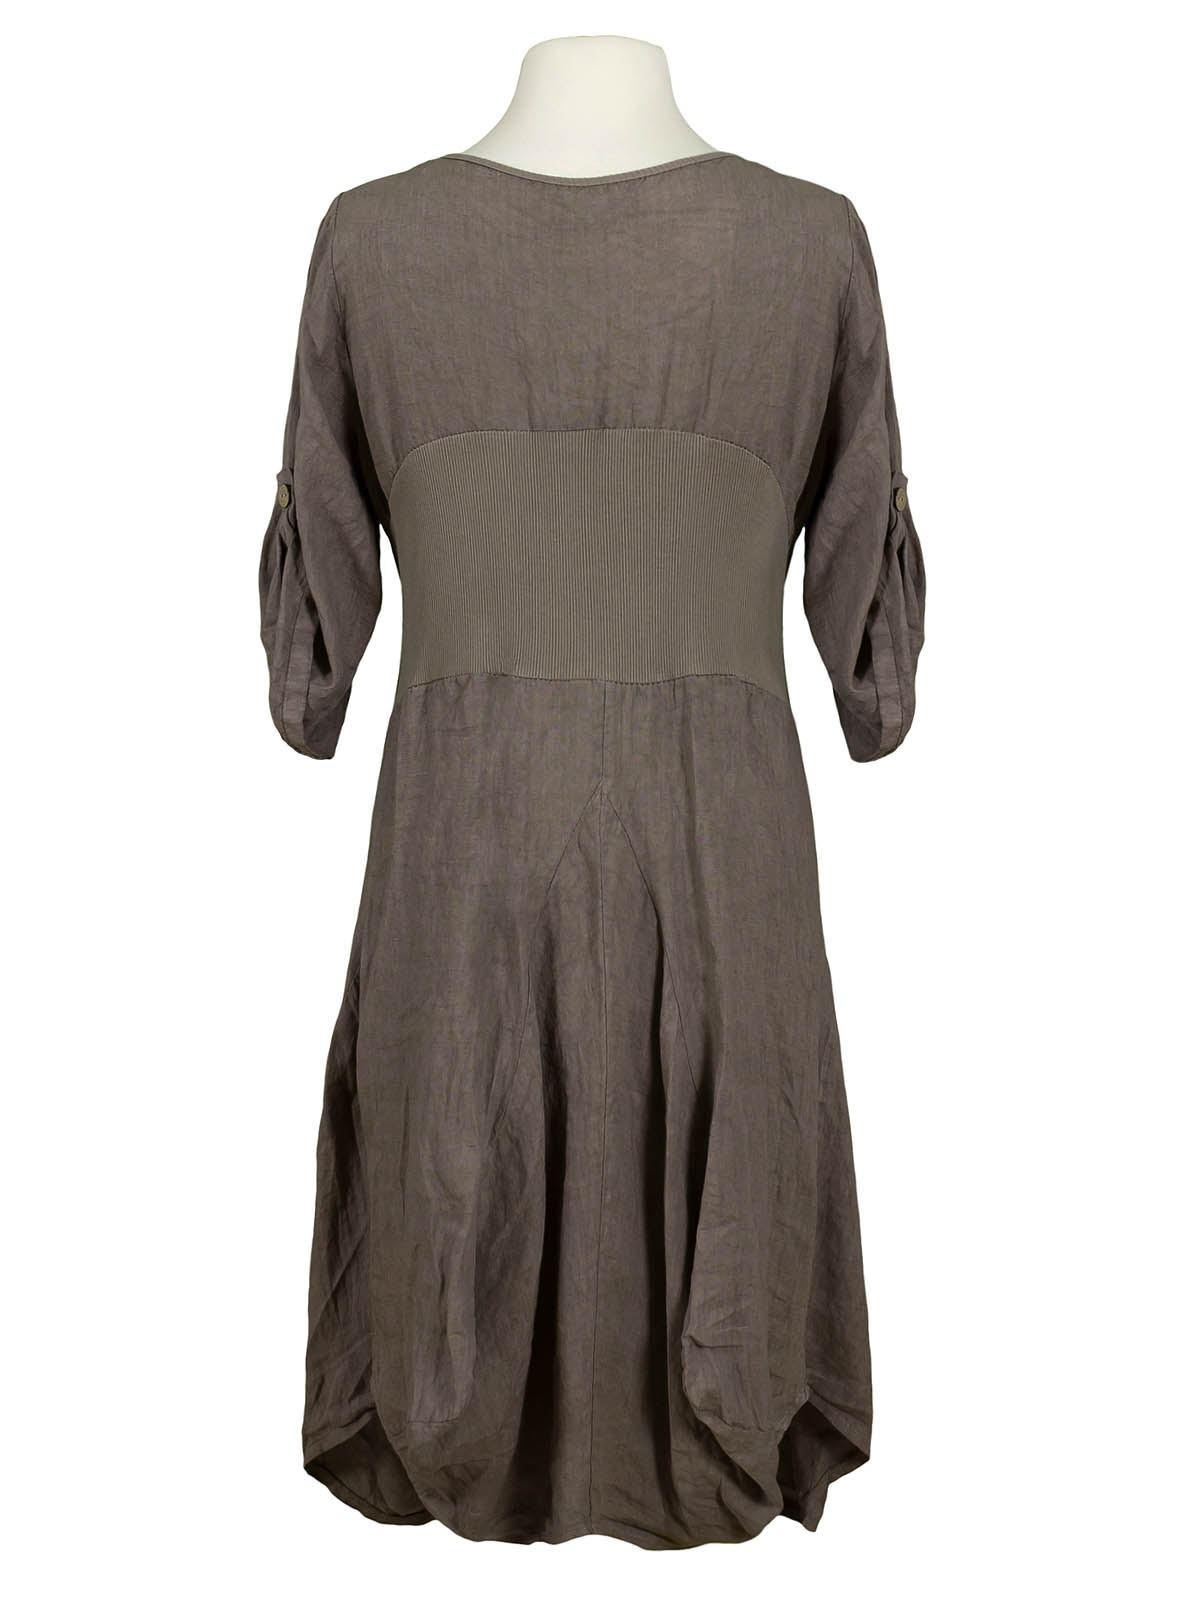 20 Genial A Form Kleid Boutique20 Schön A Form Kleid Vertrieb